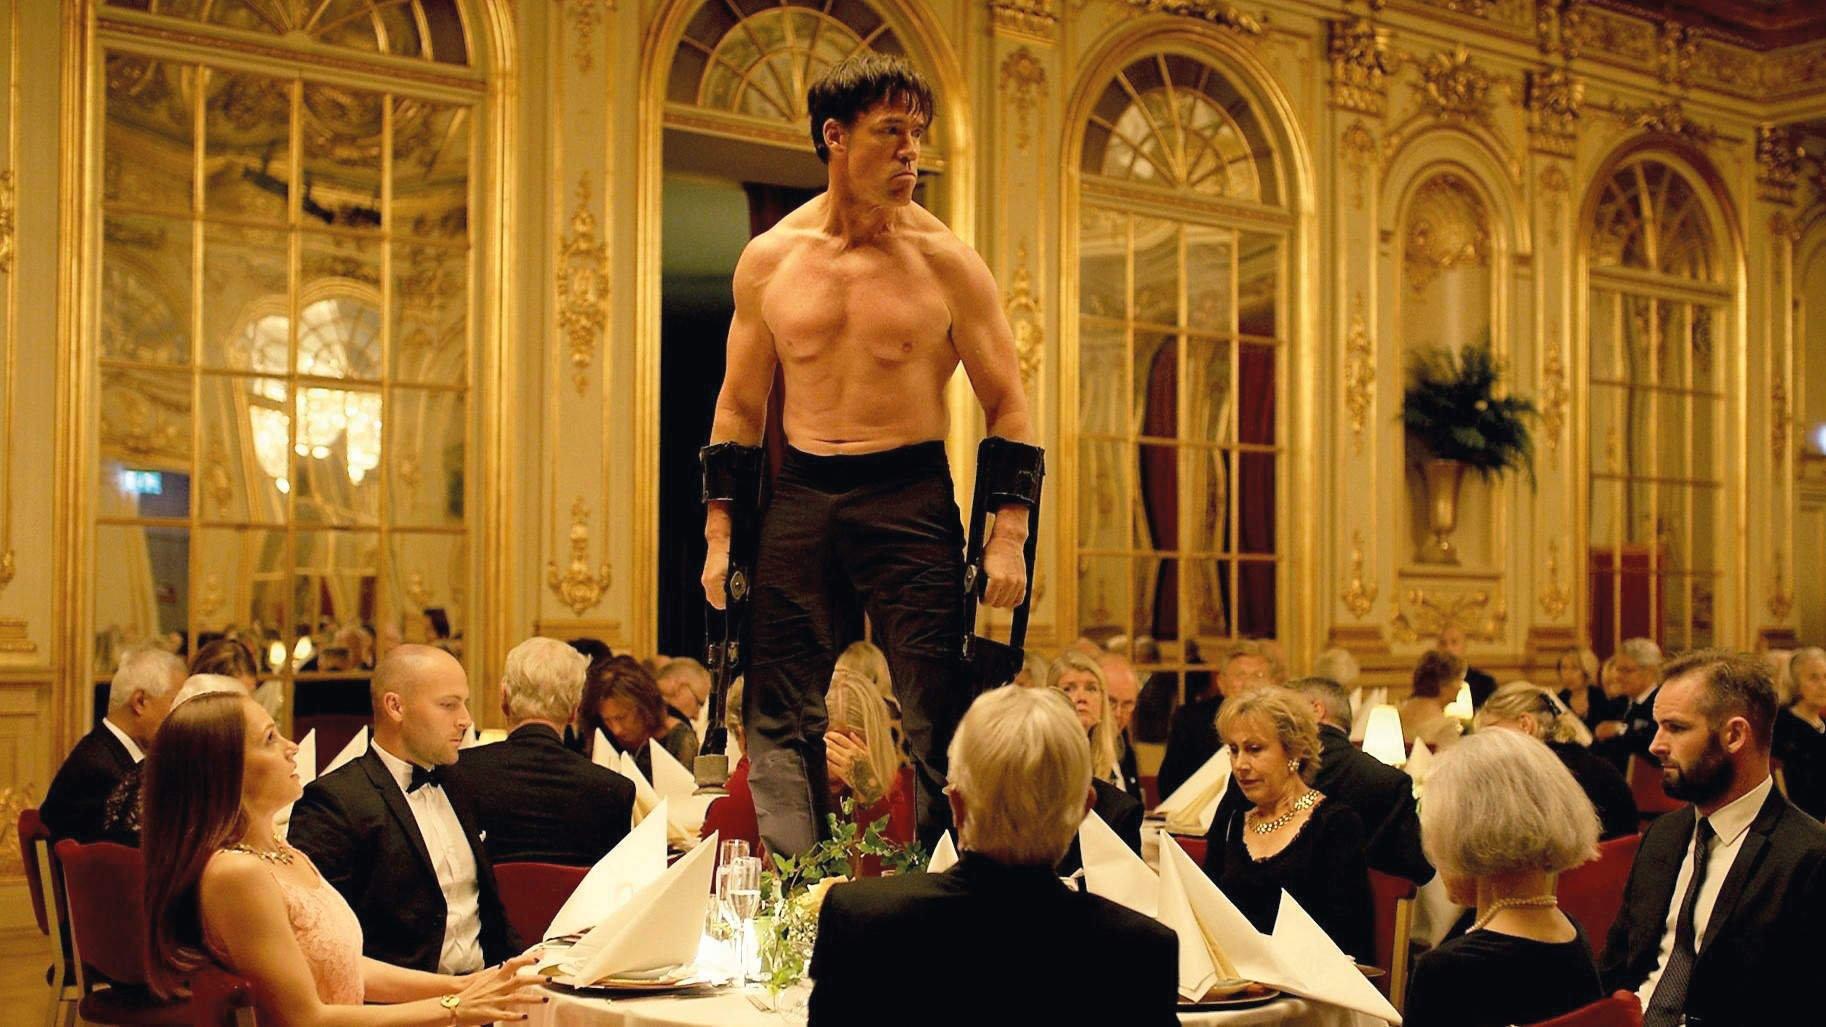 Ο Βορράς είναι«hot» στο ERTFLIX – Σύγχρονες, σκανδιναβικές ταινίες και σειρές